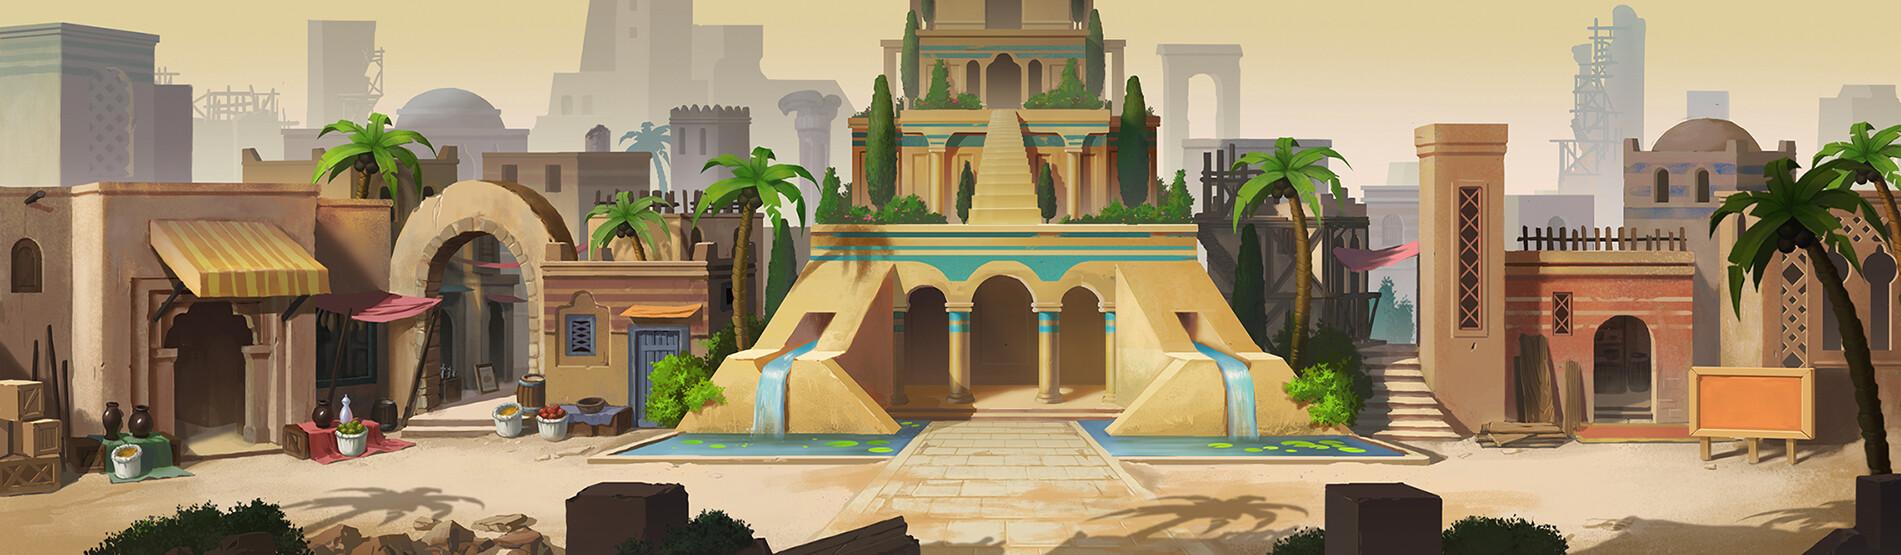 Evil chen town3 1 desert town a 4